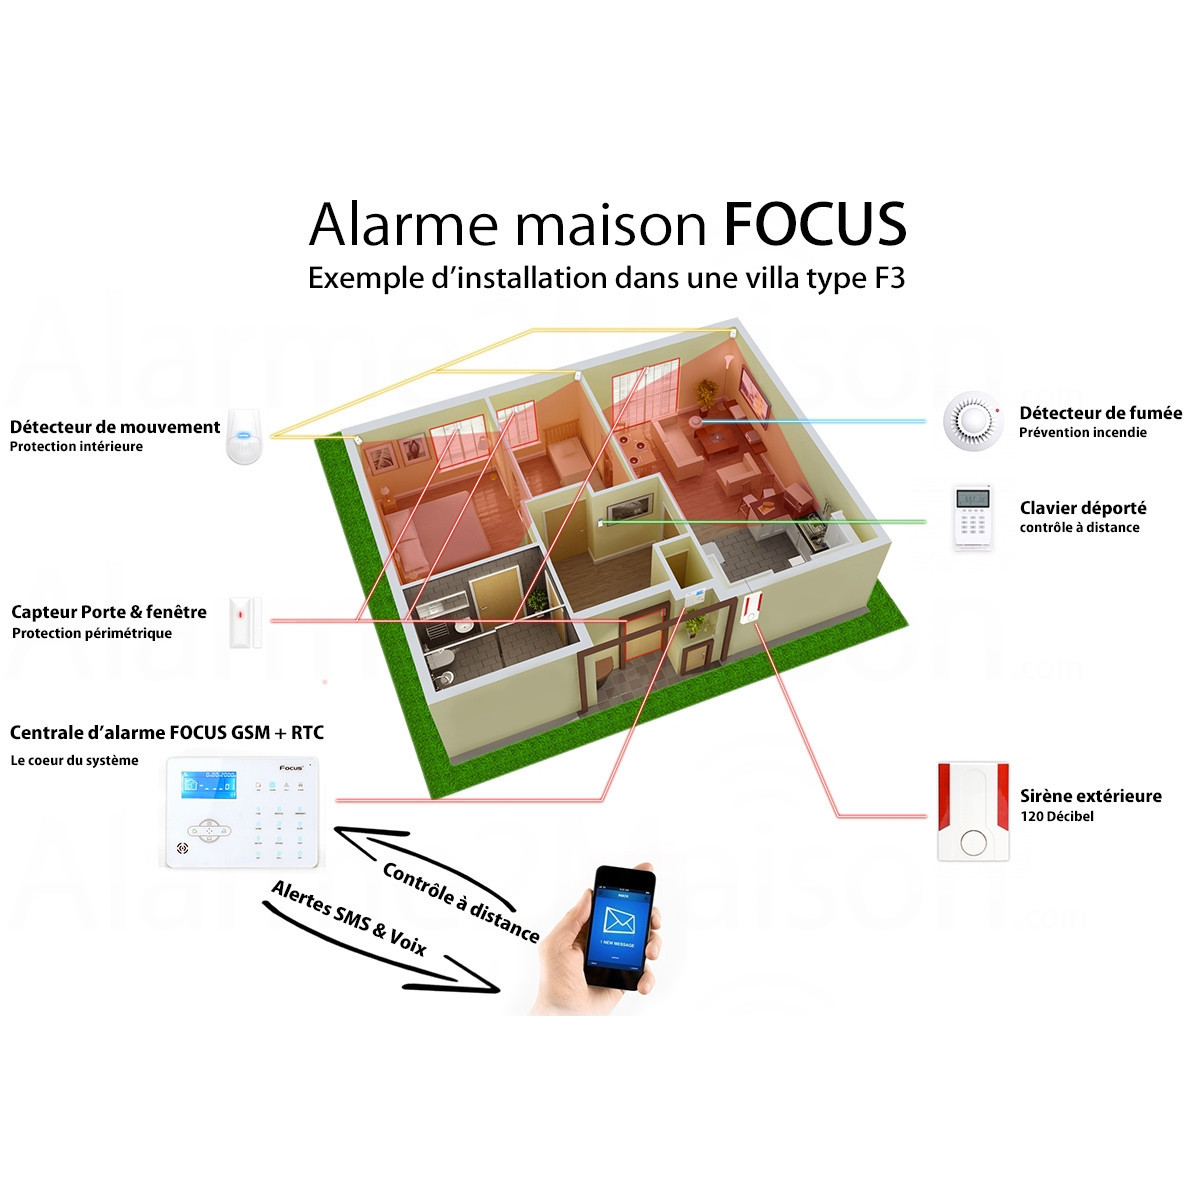 alarme maison sans fil focus gsm rtc 5 6 pices - Installer Une Alarme Maison